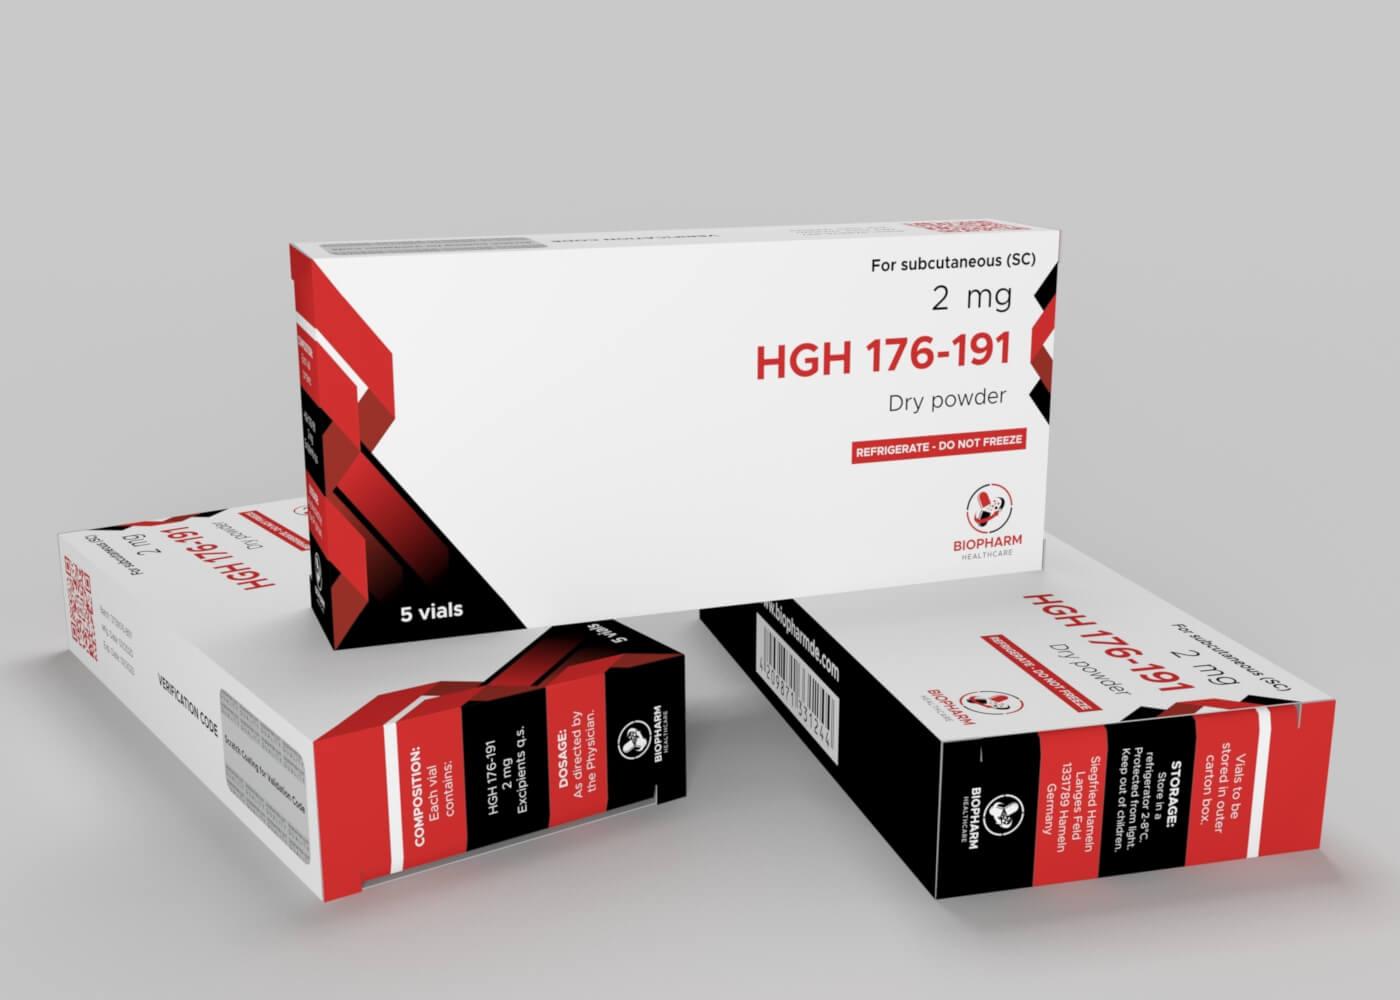 HGH 176-191